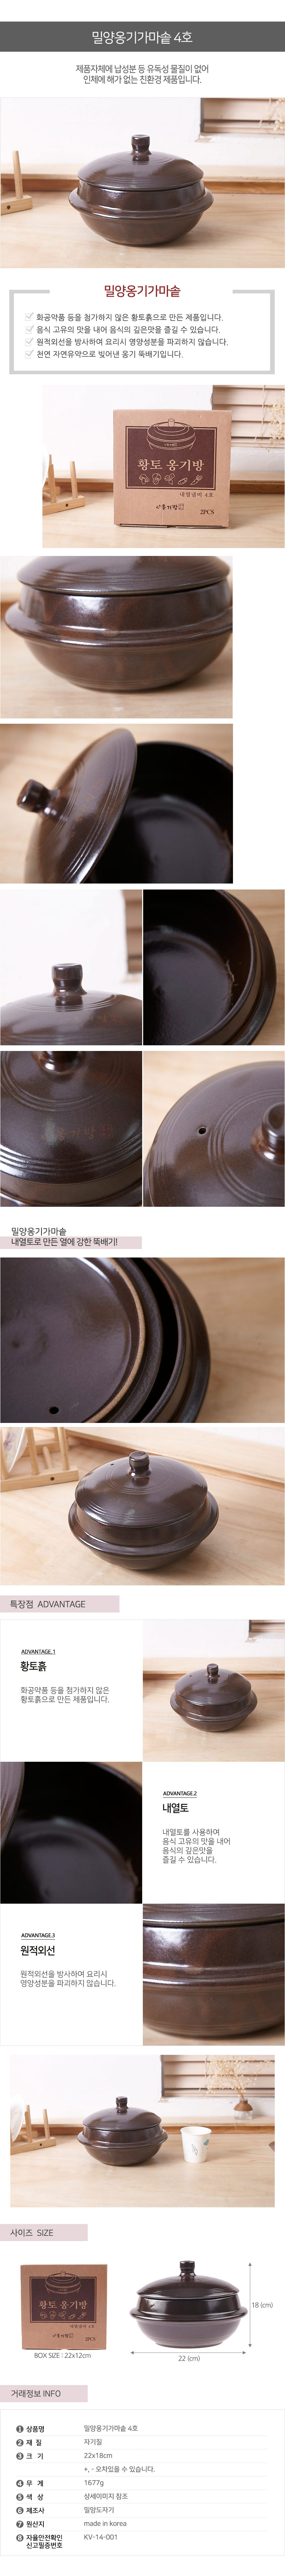 밀양 옹기 가마솥 4호 22x18cm - 익스트리모, 19,000원, 압력솥/찜기, 찜기